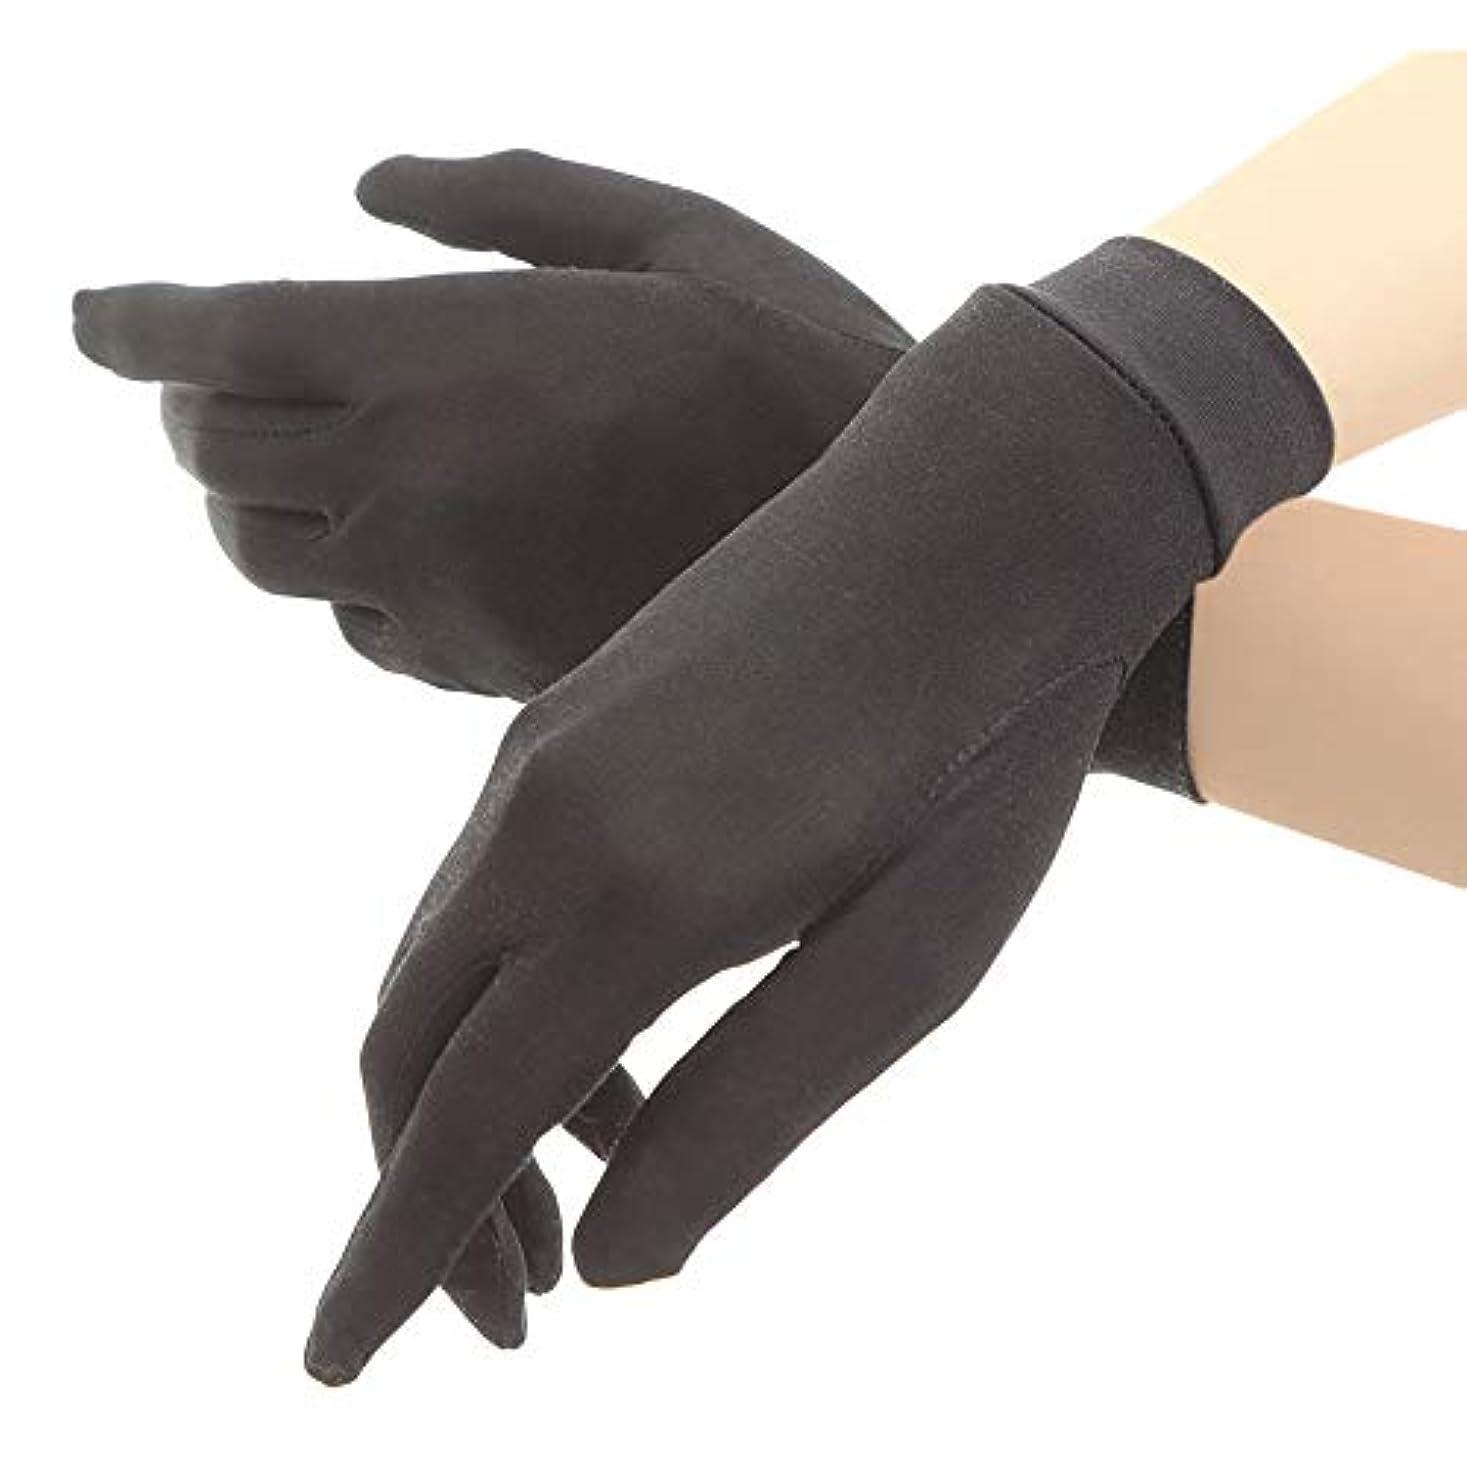 俳句狂人フルーティーシルク手袋 レディース 手袋 シルク 絹 ハンド ケア 保湿 紫外線 肌荒れ 乾燥 サイズアップで手指にマッチ 【macch】